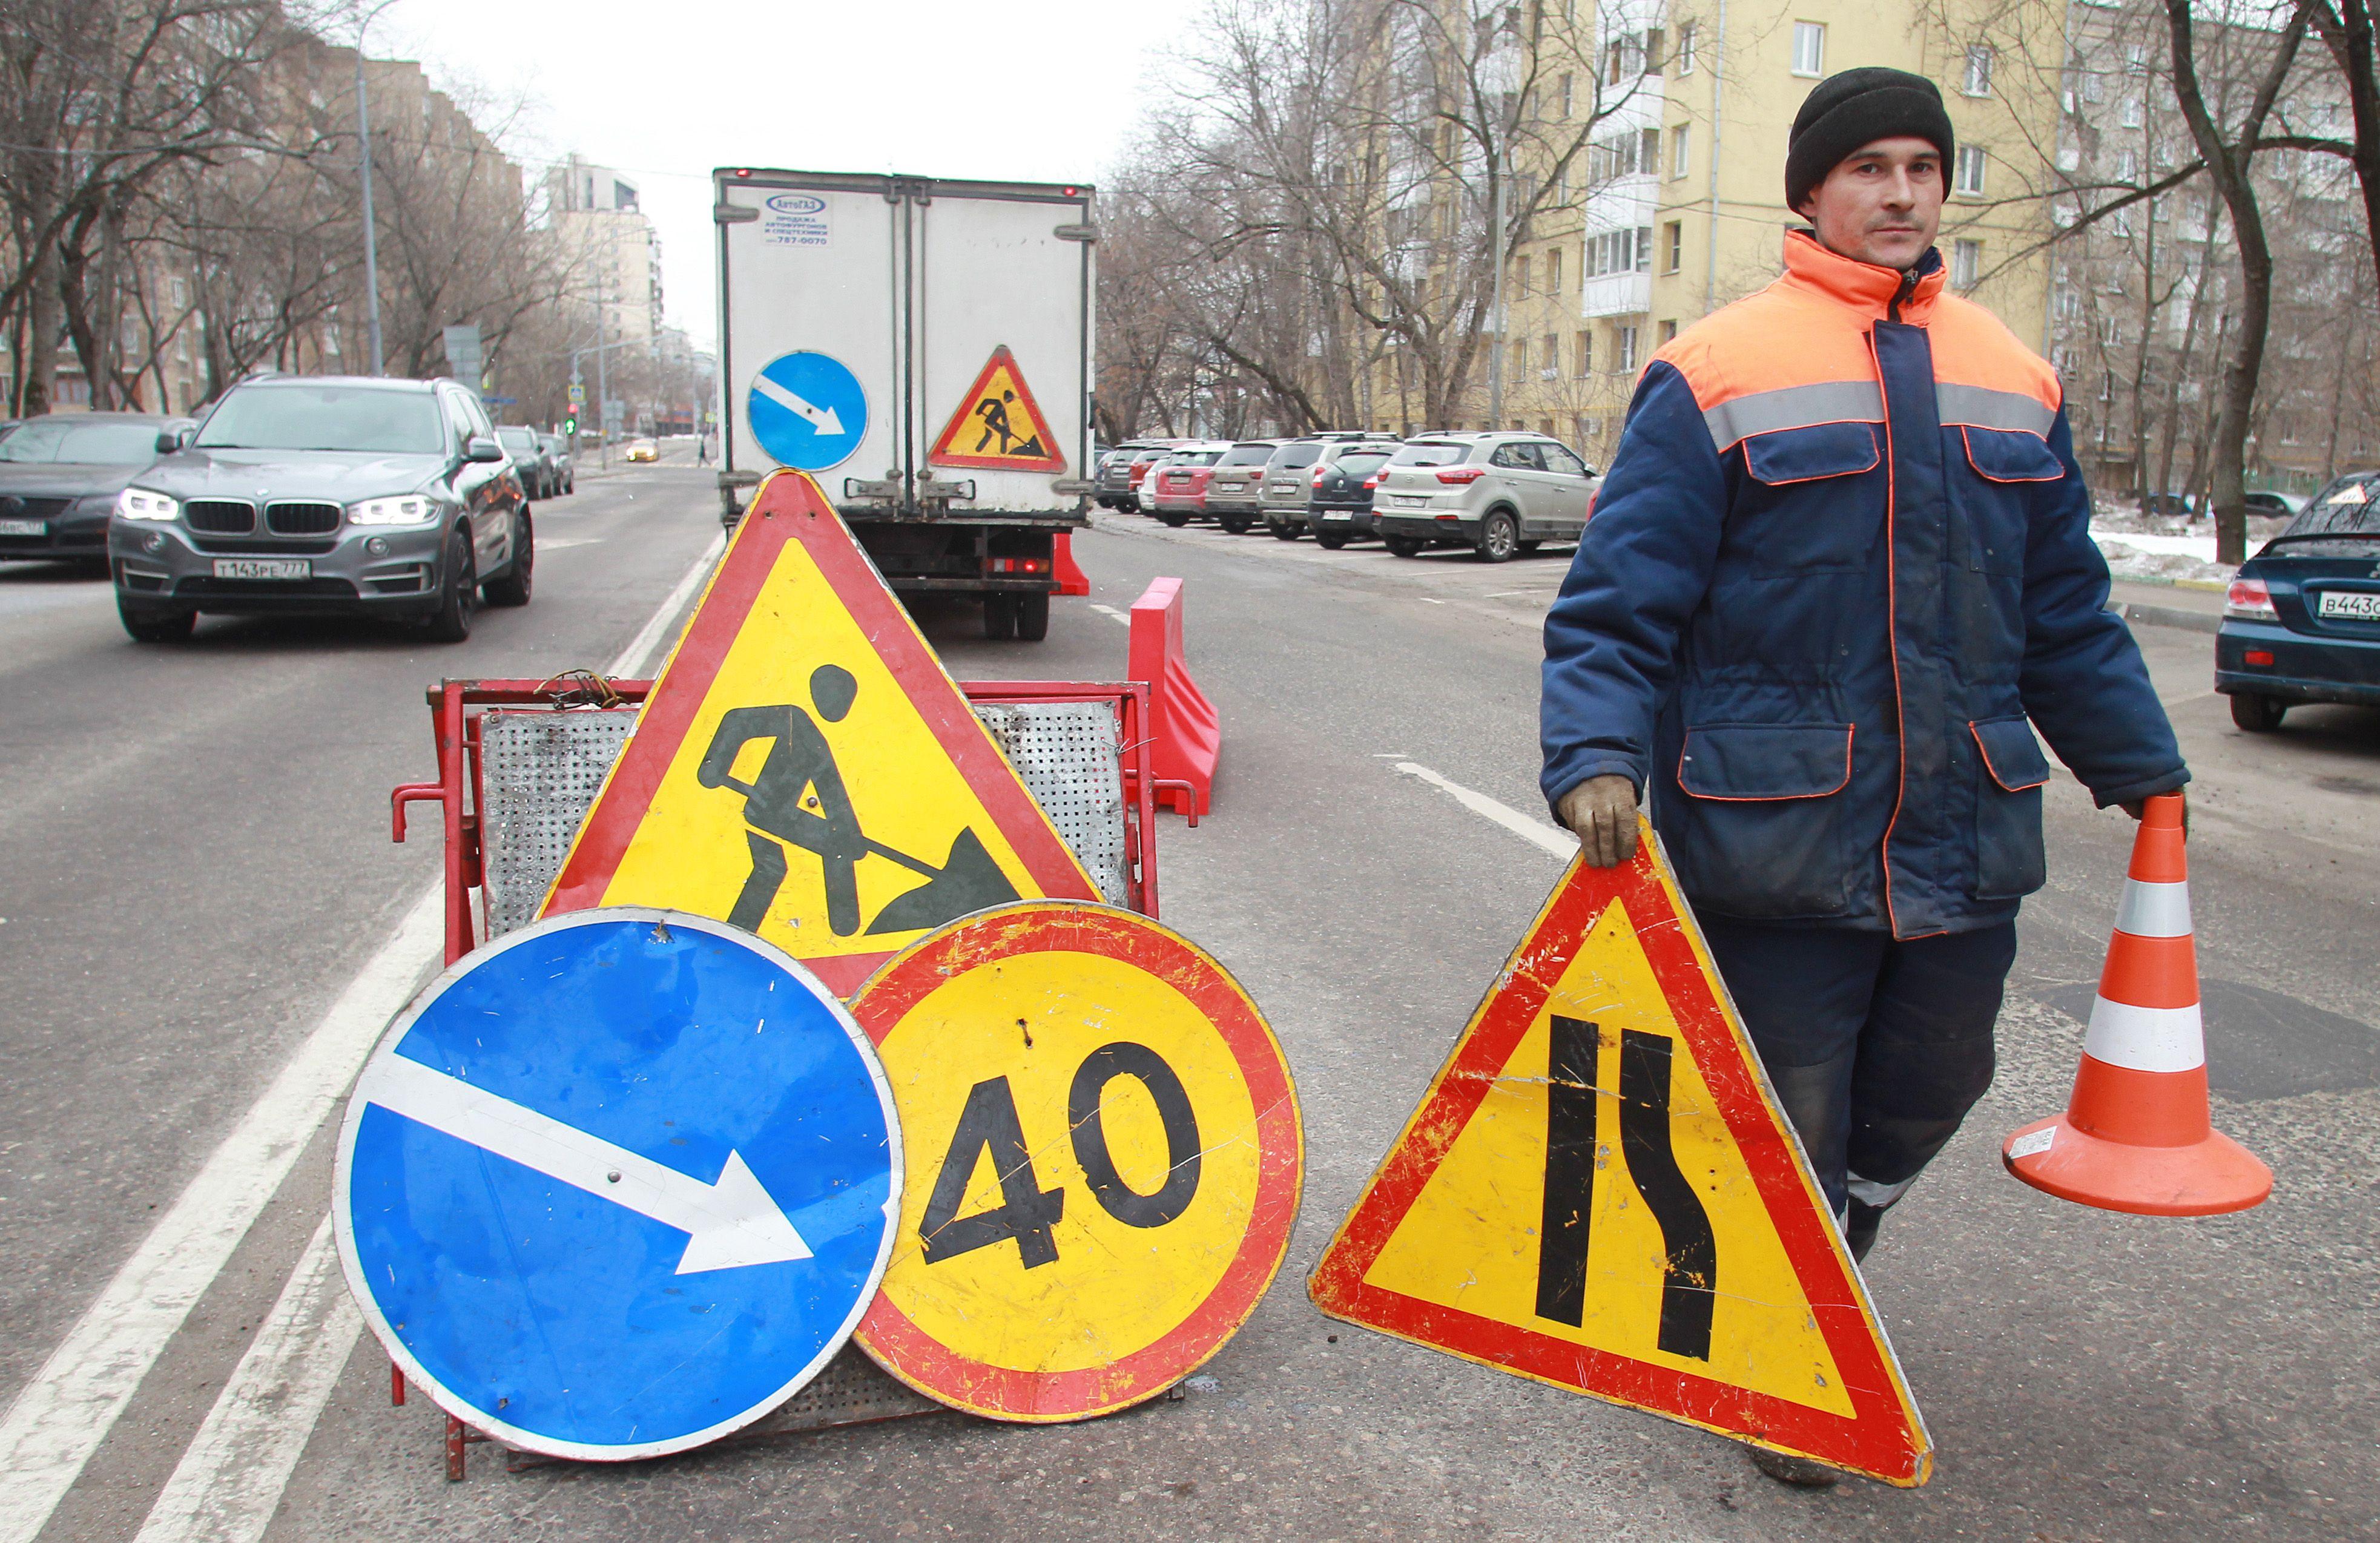 Ямочный ремонт провели в поселении Рязановское. Фото: Наталия Нечаева, «Вечерняя Москва»